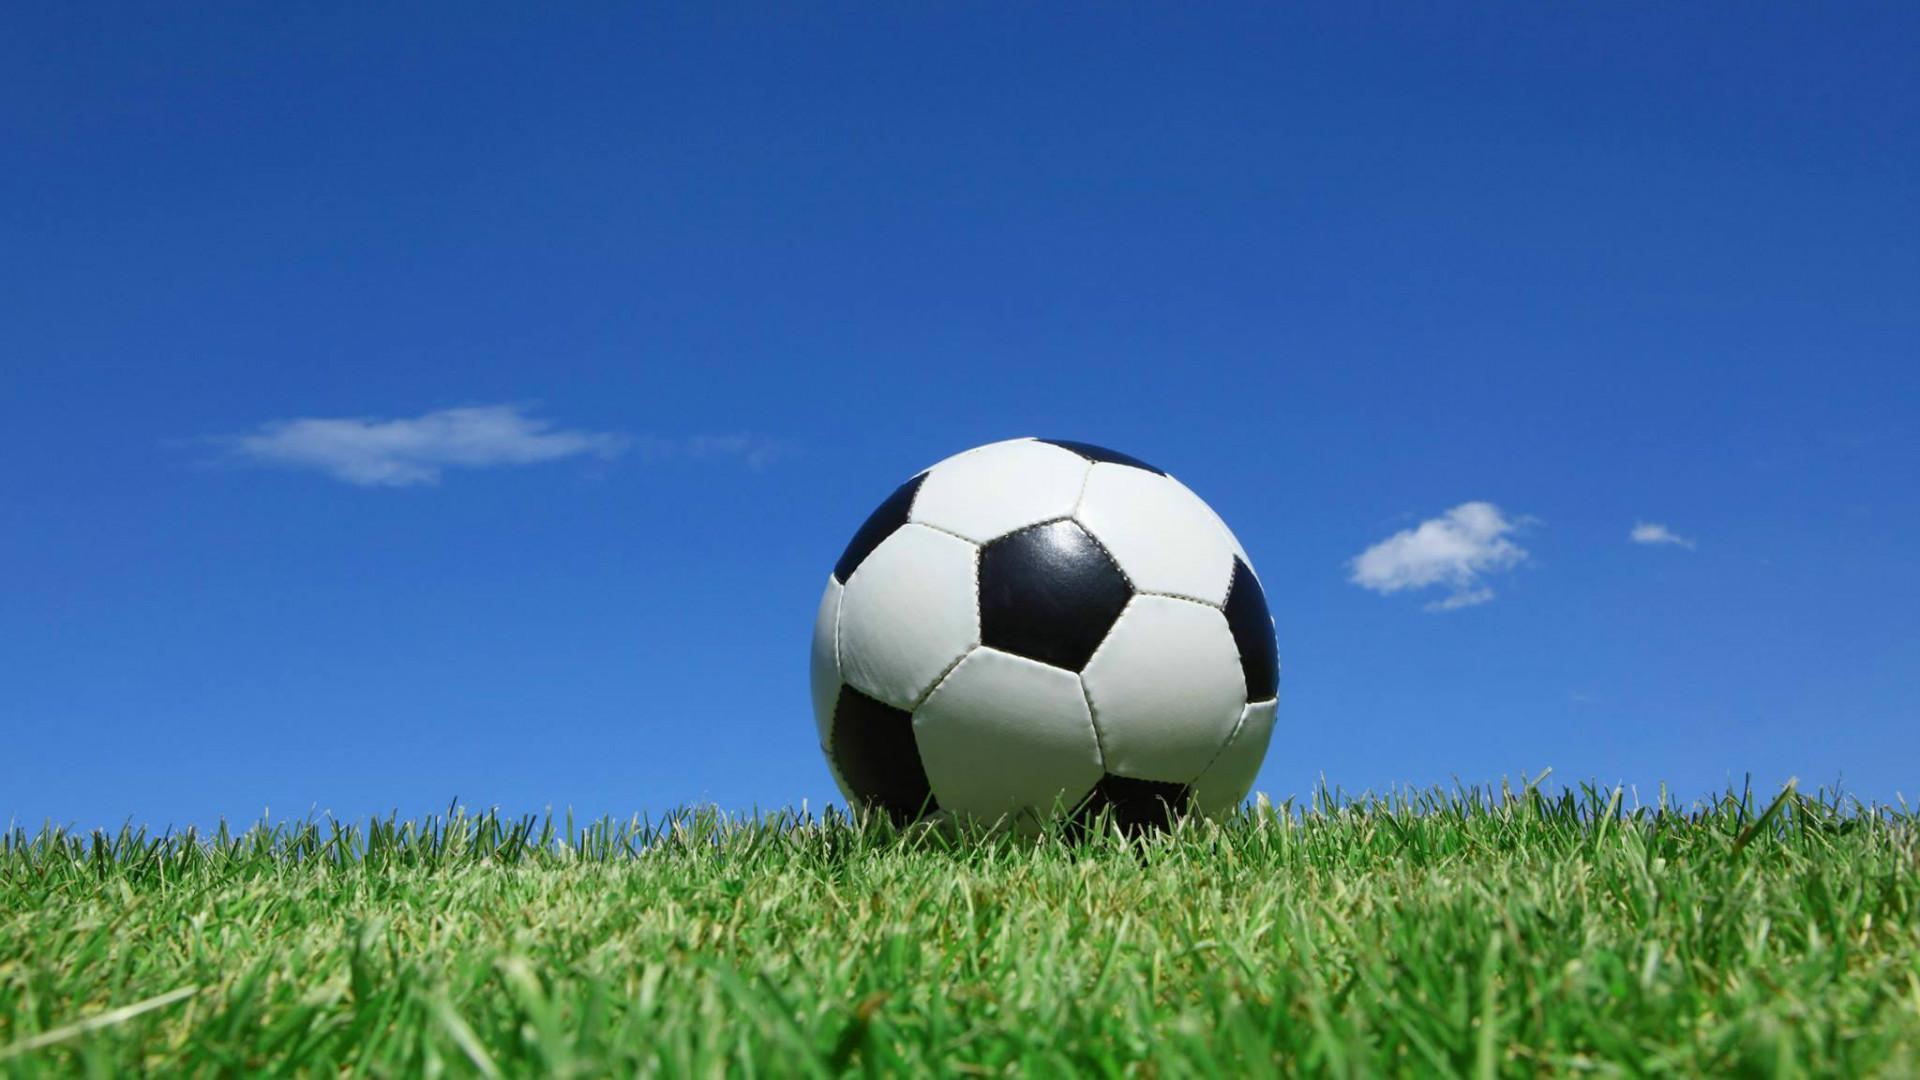 Звериный футбол  № 3148811 загрузить